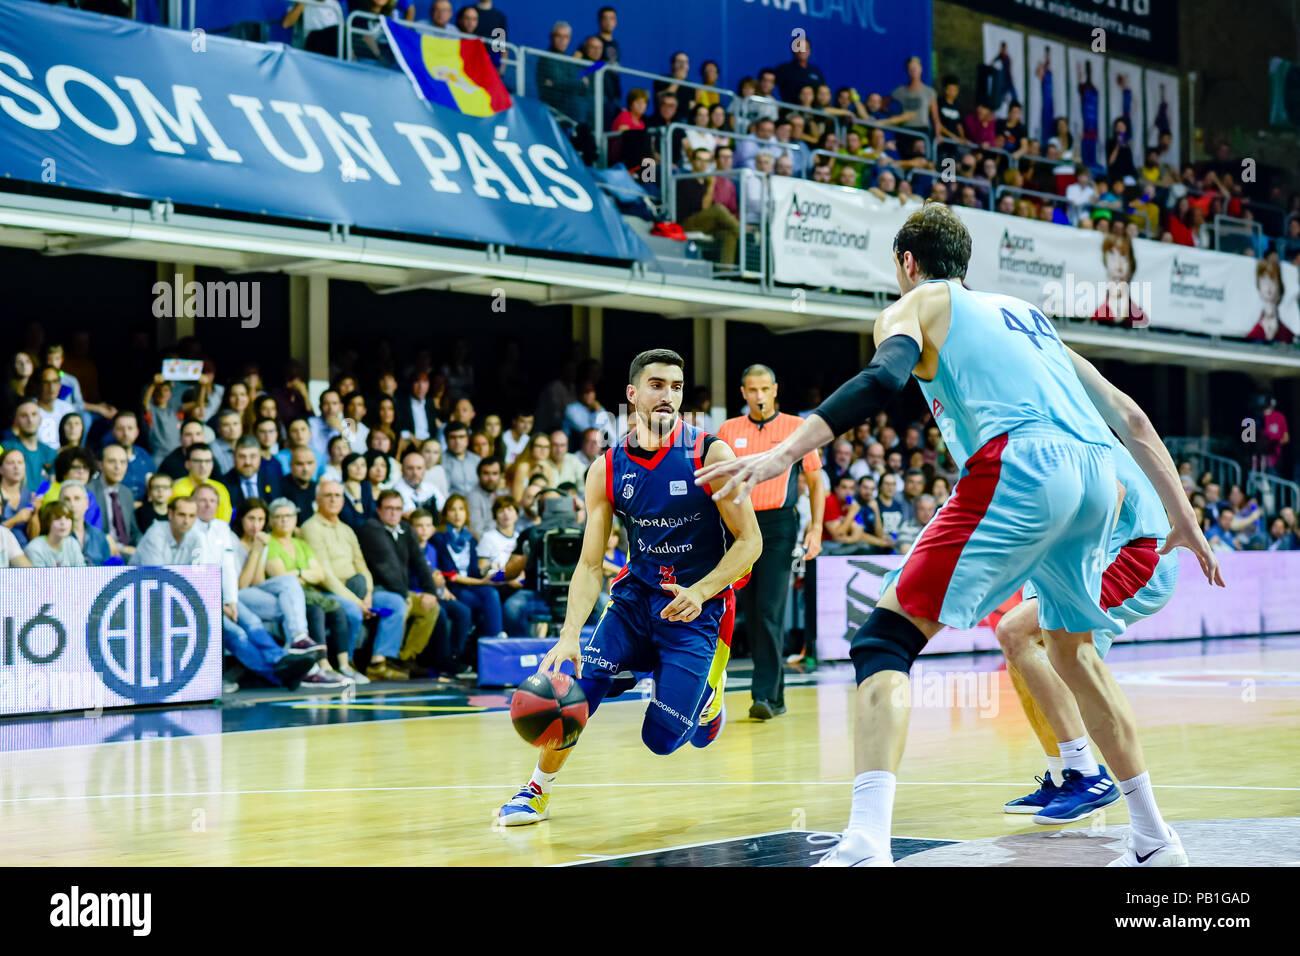 Andorra la Vella, Andorra. 20 de enero de 2018. Liga Endesa ACB. En el partido entre Morabanc Andorra BC vs FC Barcelona Lassa  de la Liga Endesa ACB  - Stock Image